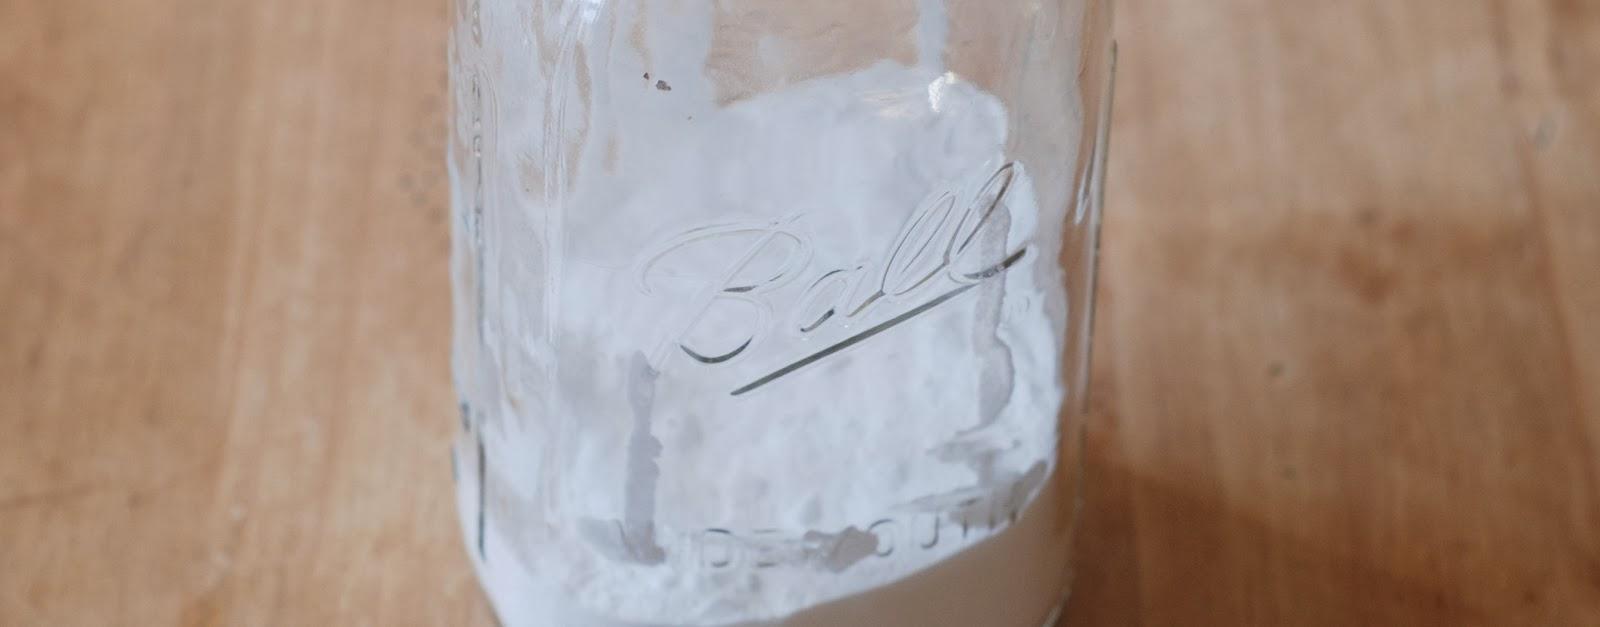 Natural Rug Deodorizer